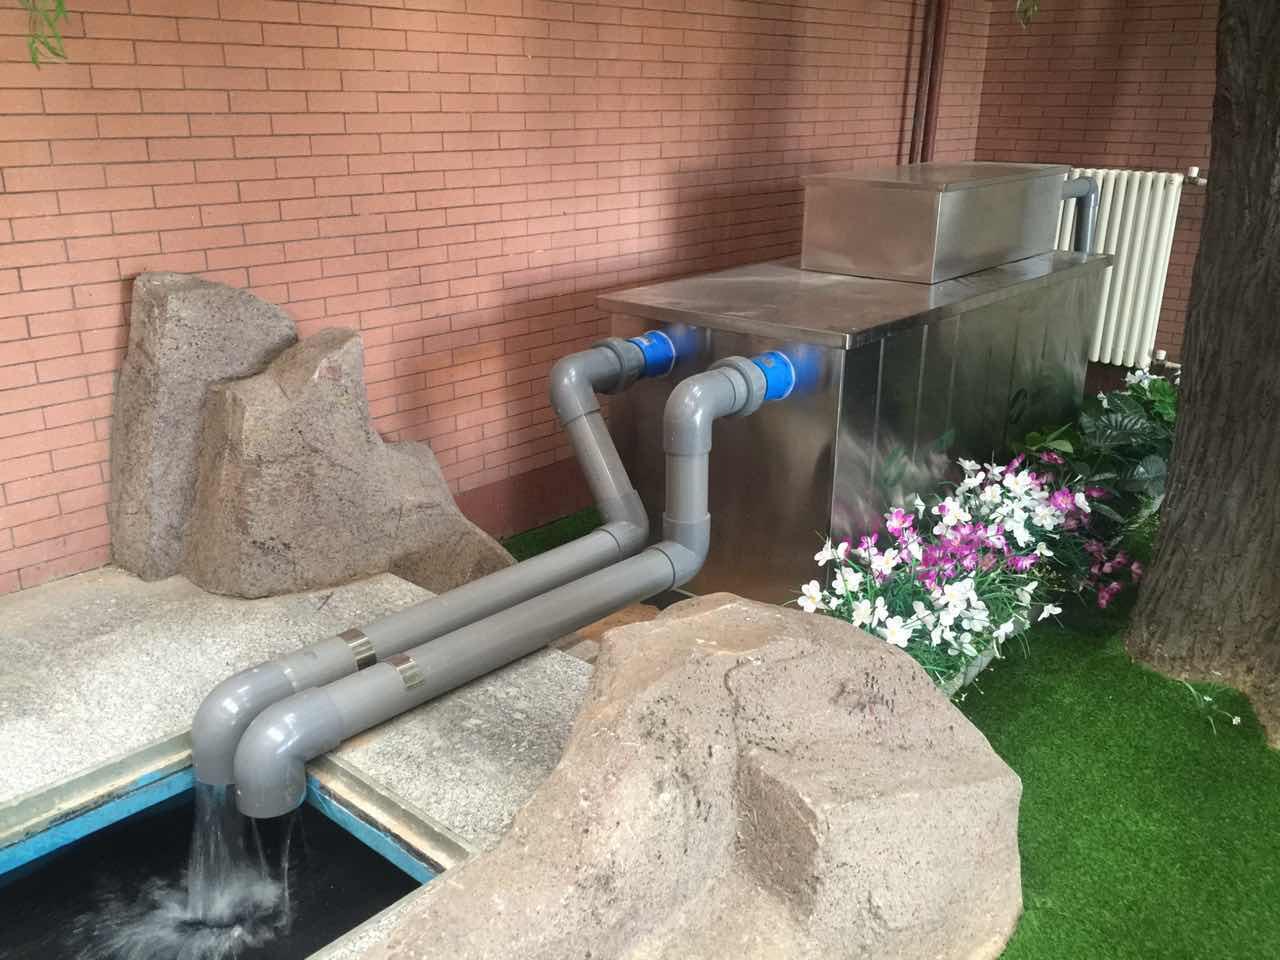 10000通辽别墅泳池水过滤-鱼池过滤器-鱼池水